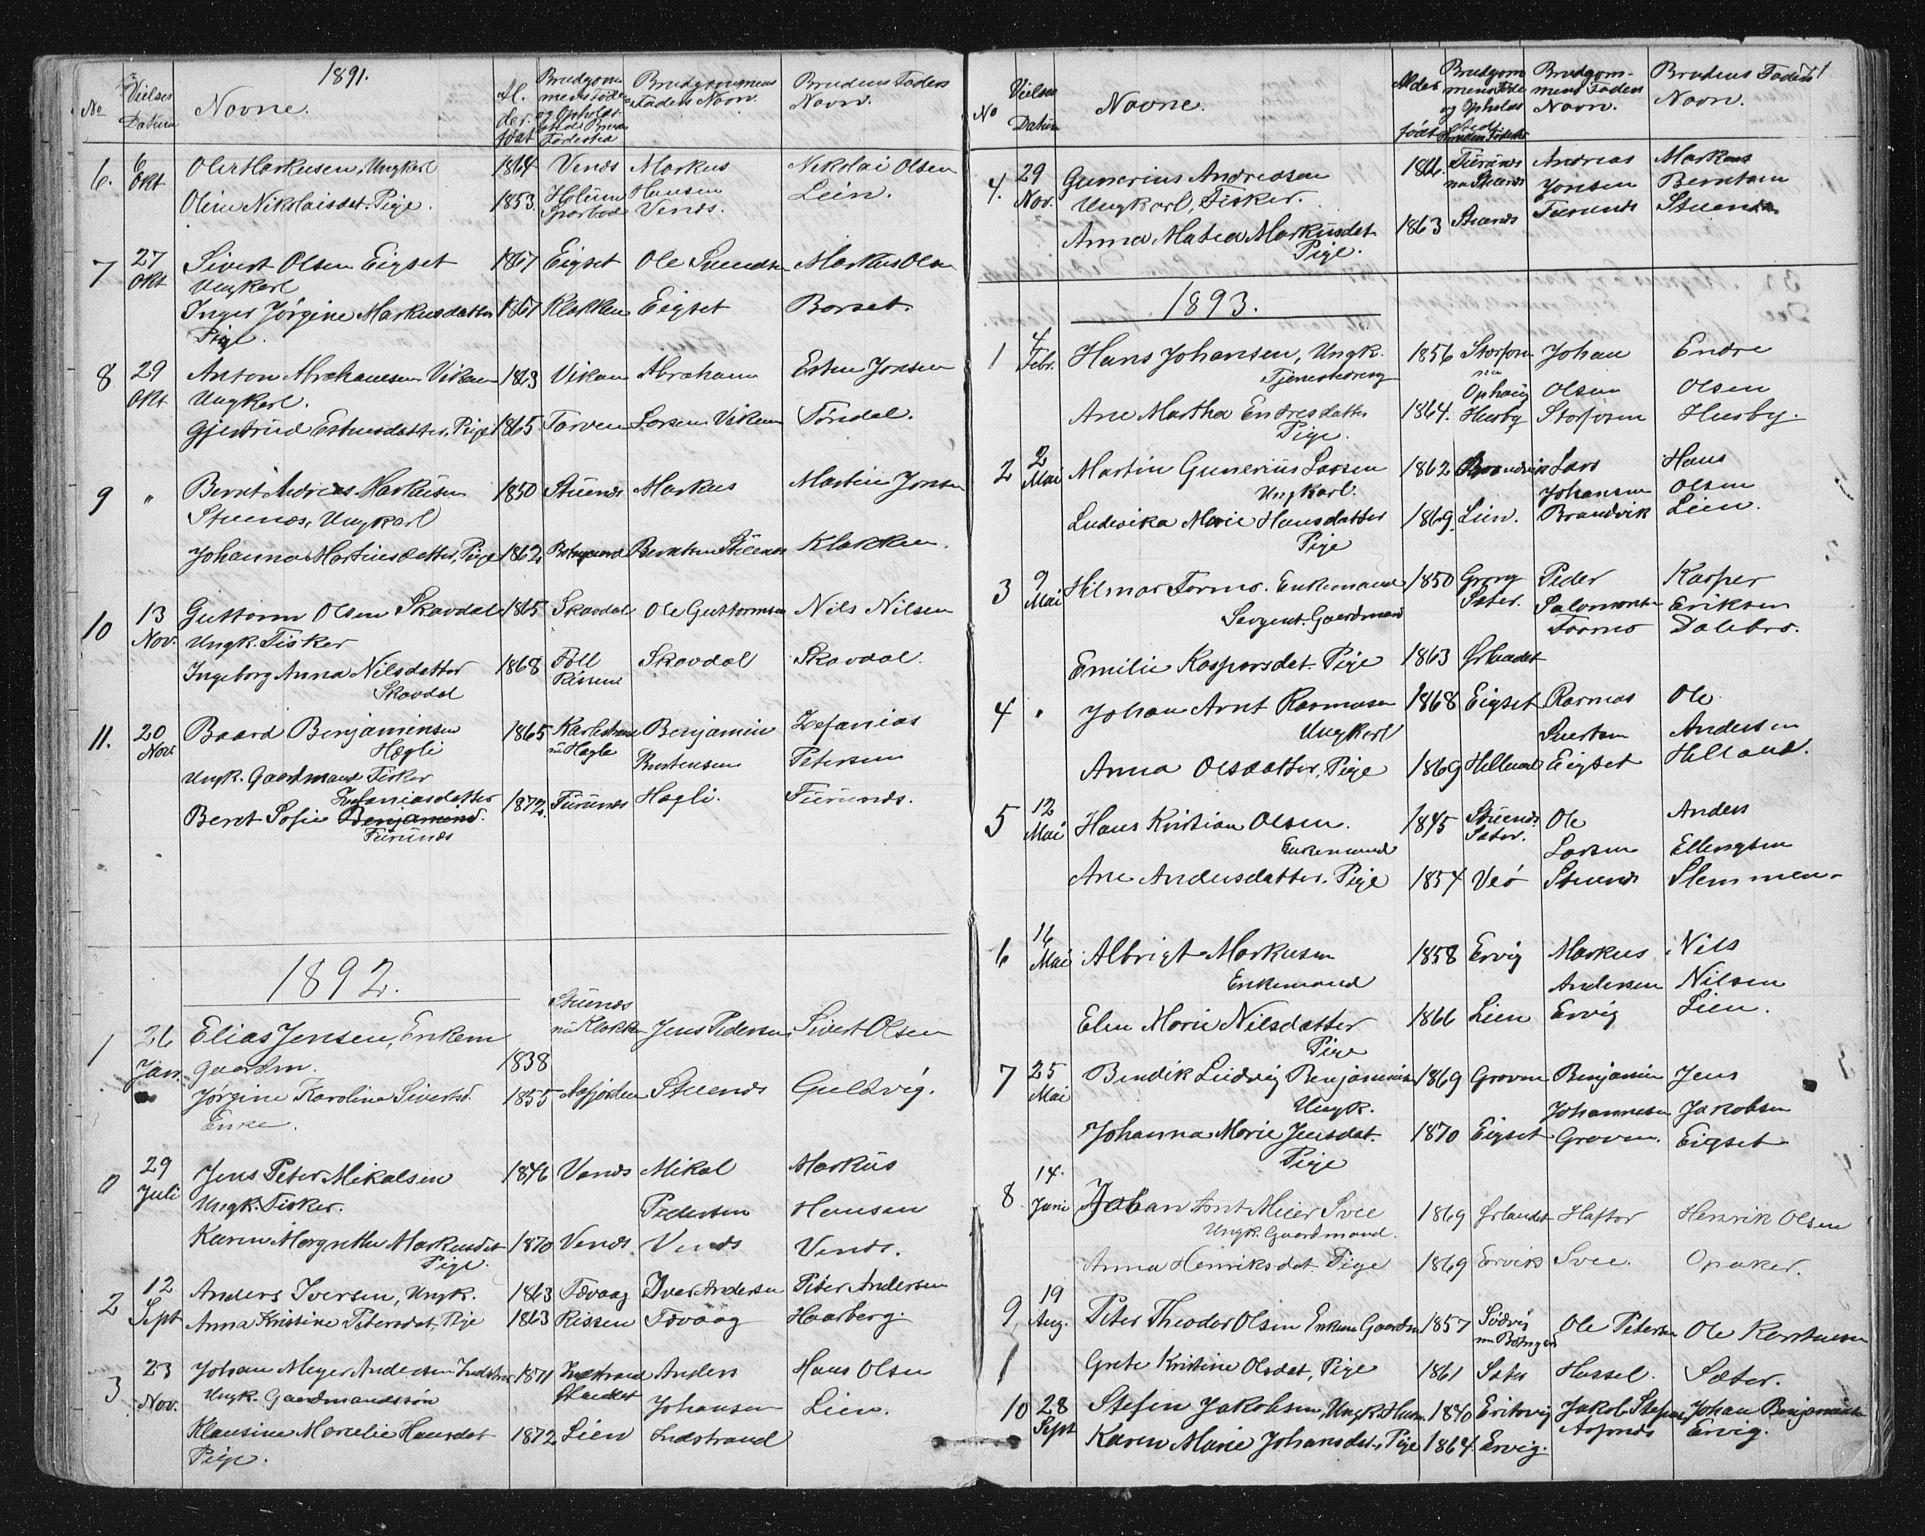 SAT, Ministerialprotokoller, klokkerbøker og fødselsregistre - Sør-Trøndelag, 651/L0647: Klokkerbok nr. 651C01, 1866-1914, s. 71